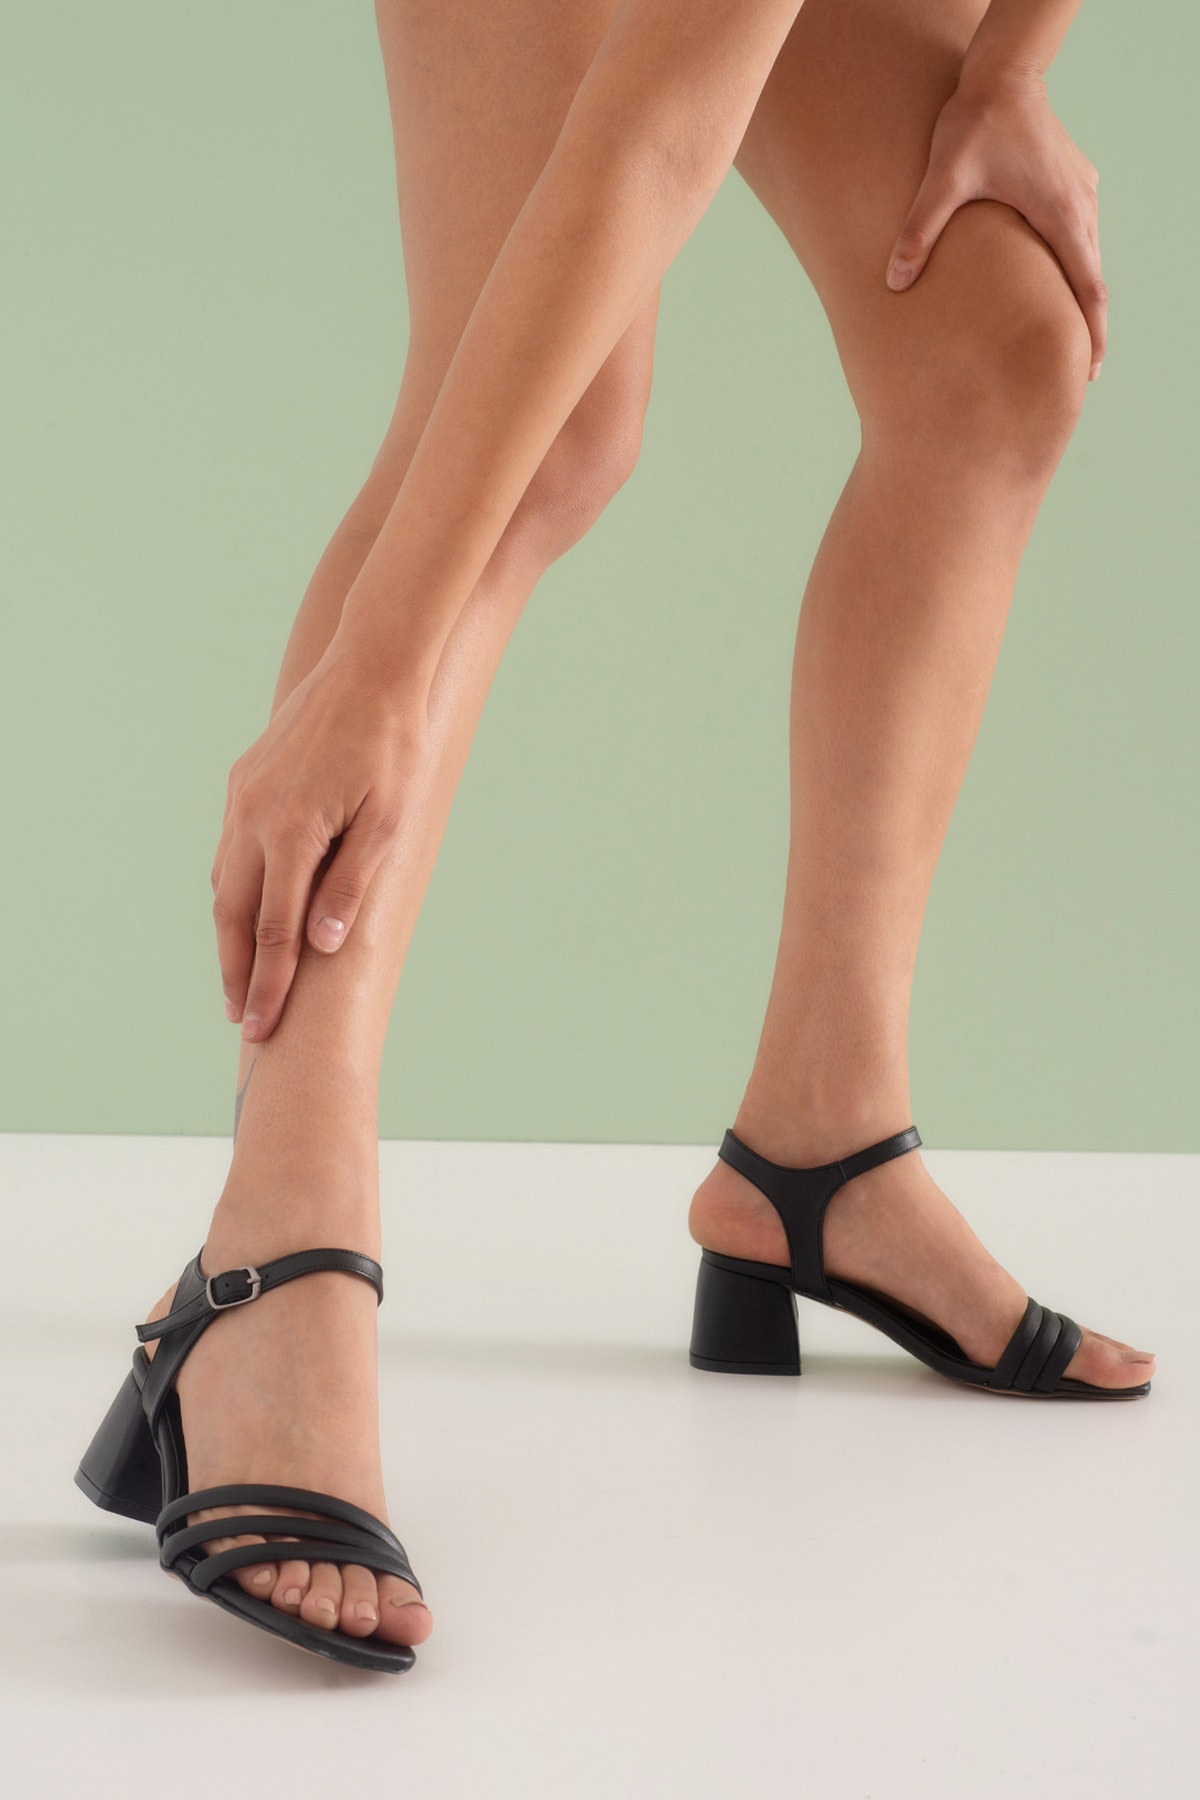 Luis Siyah Renk Topuklu Günlük Kadın Ayakkabı